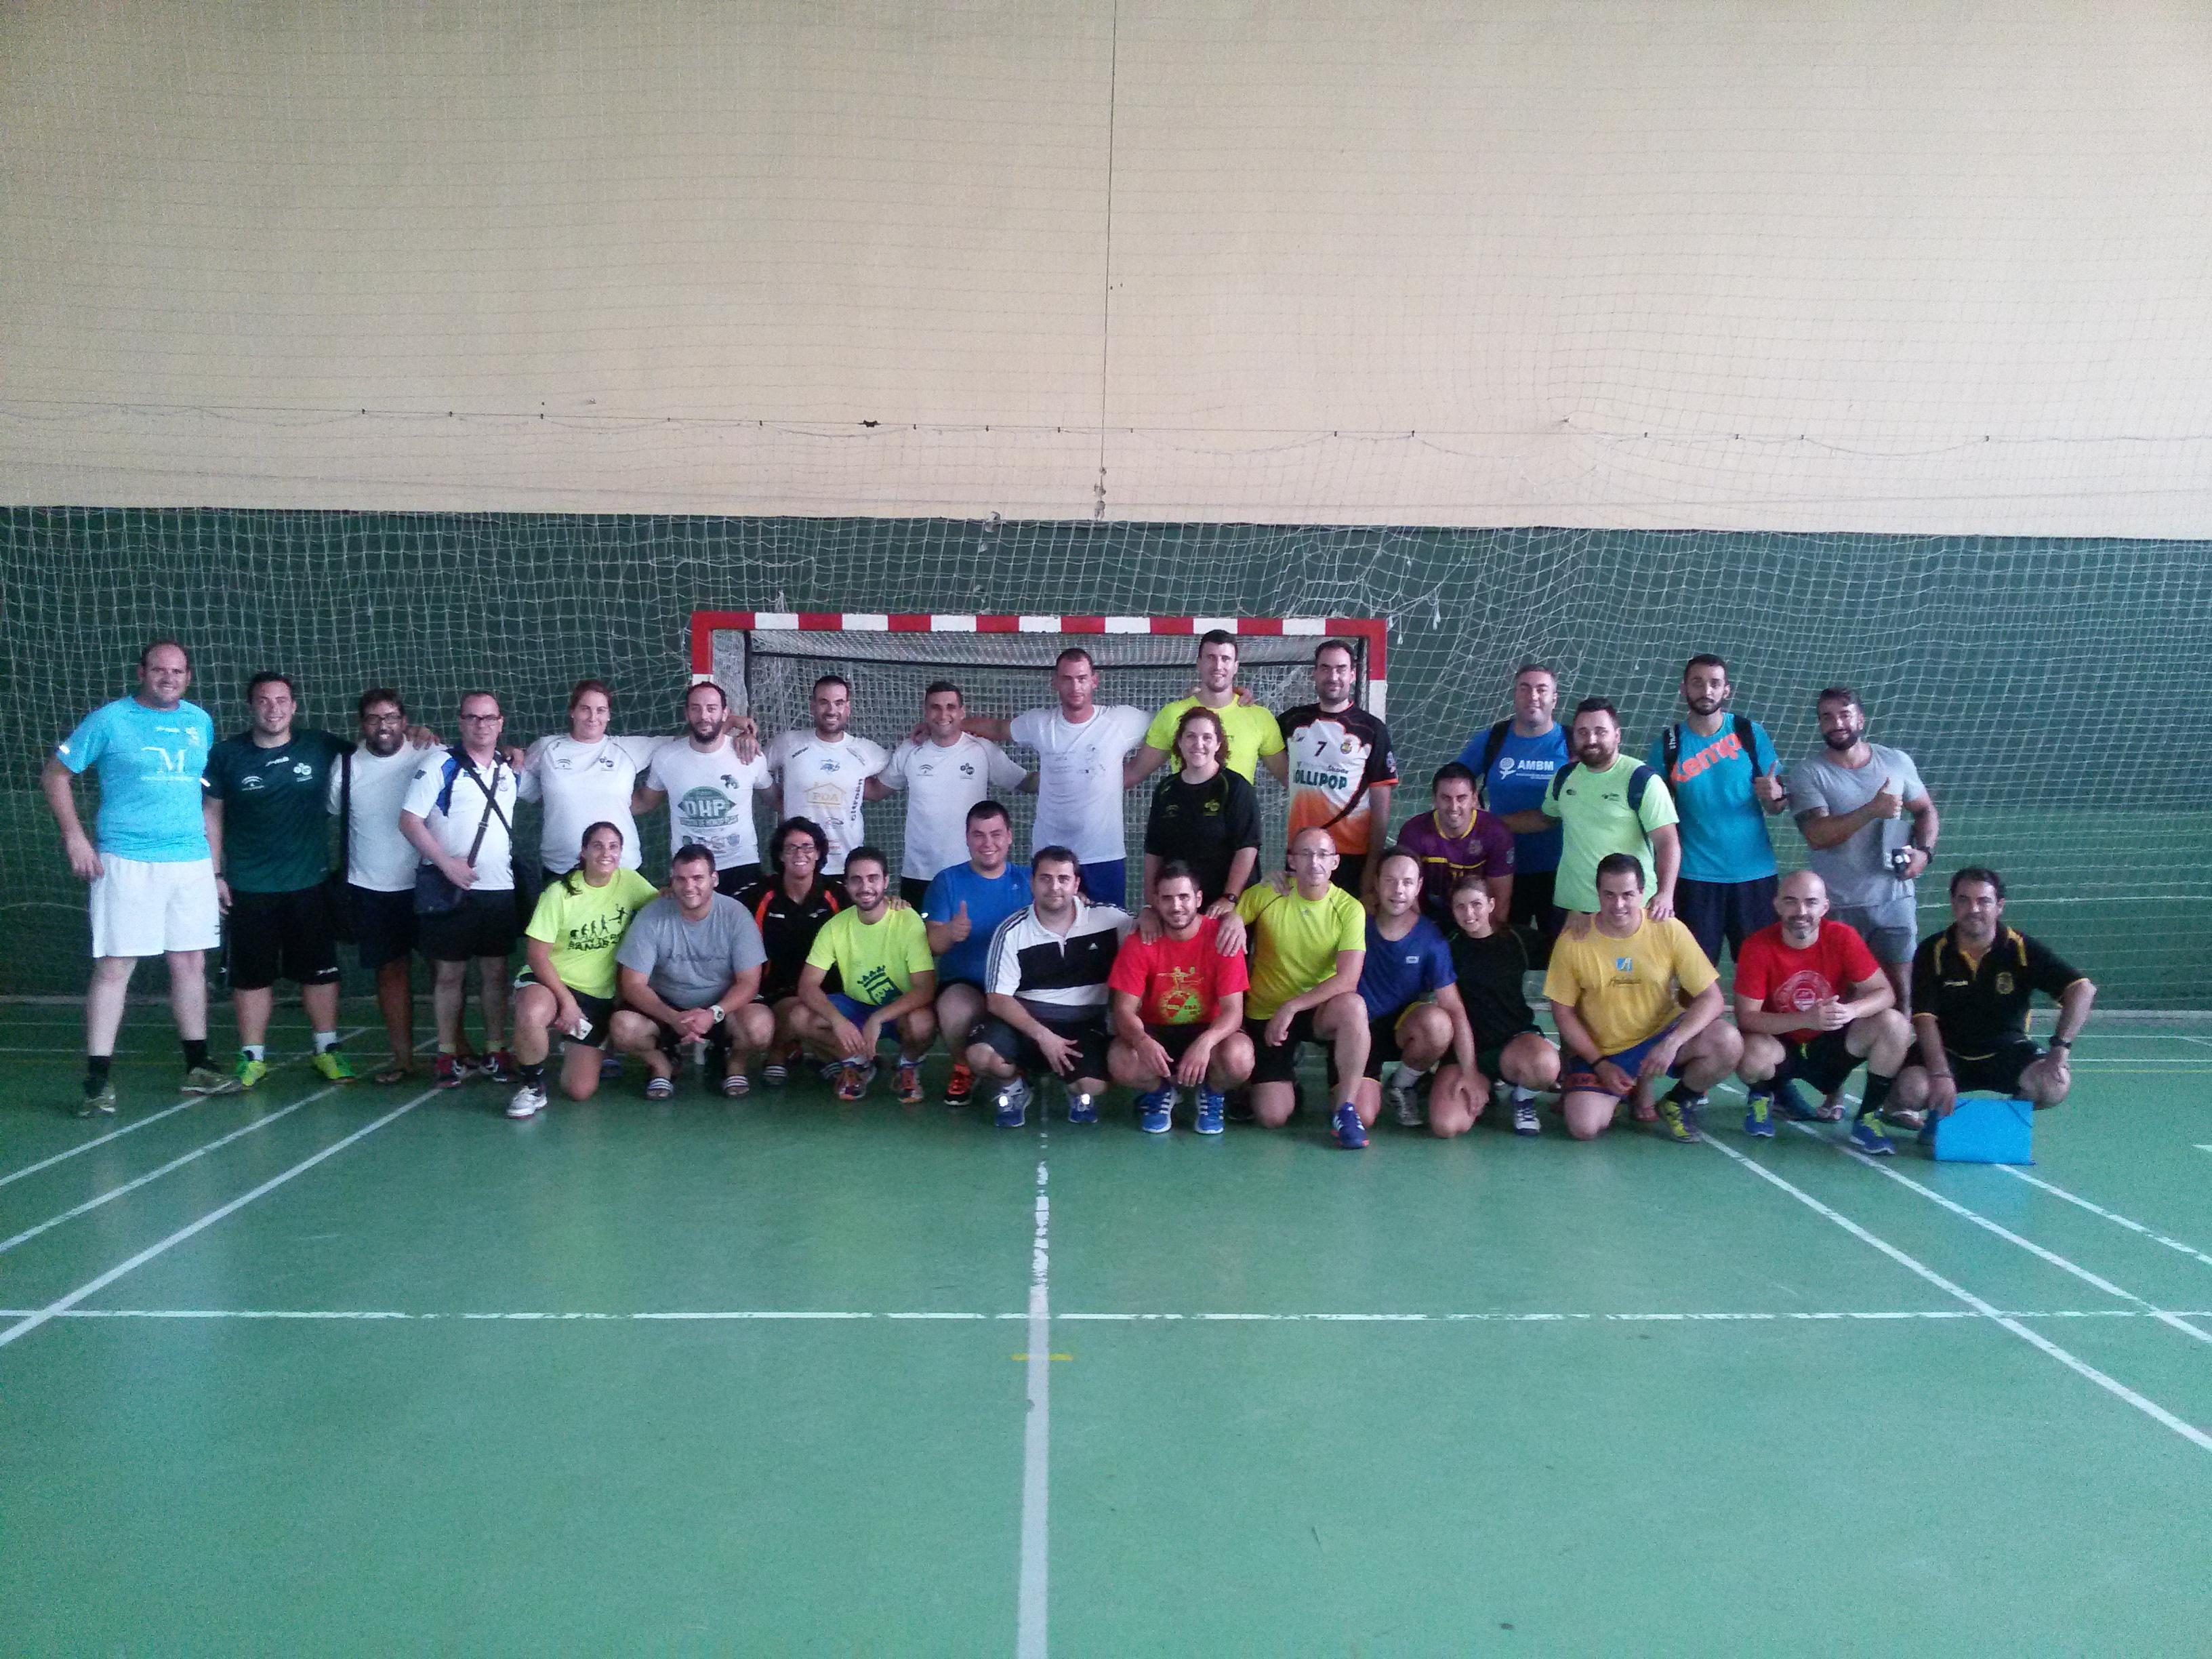 Alumnado Curso Nacional de Entrenadores de Balonmano junio y julio 2015 - junio y julio 2016